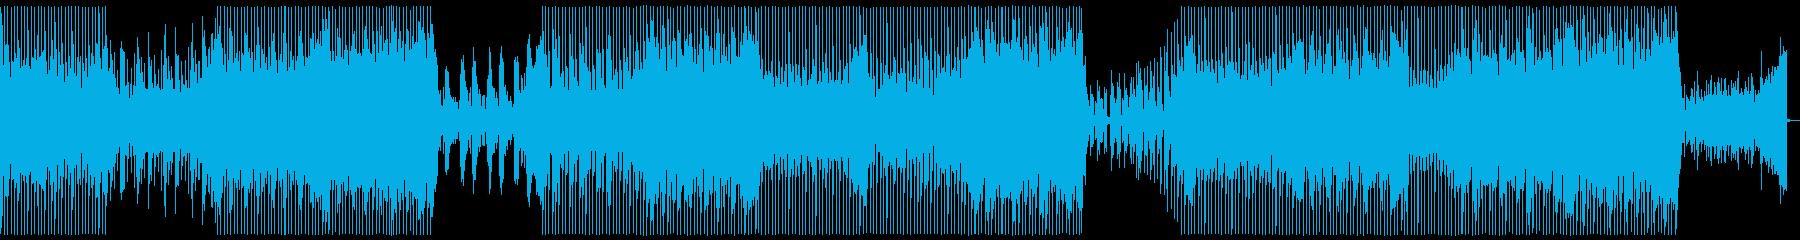 アコースティックギターハウスミュージックの再生済みの波形